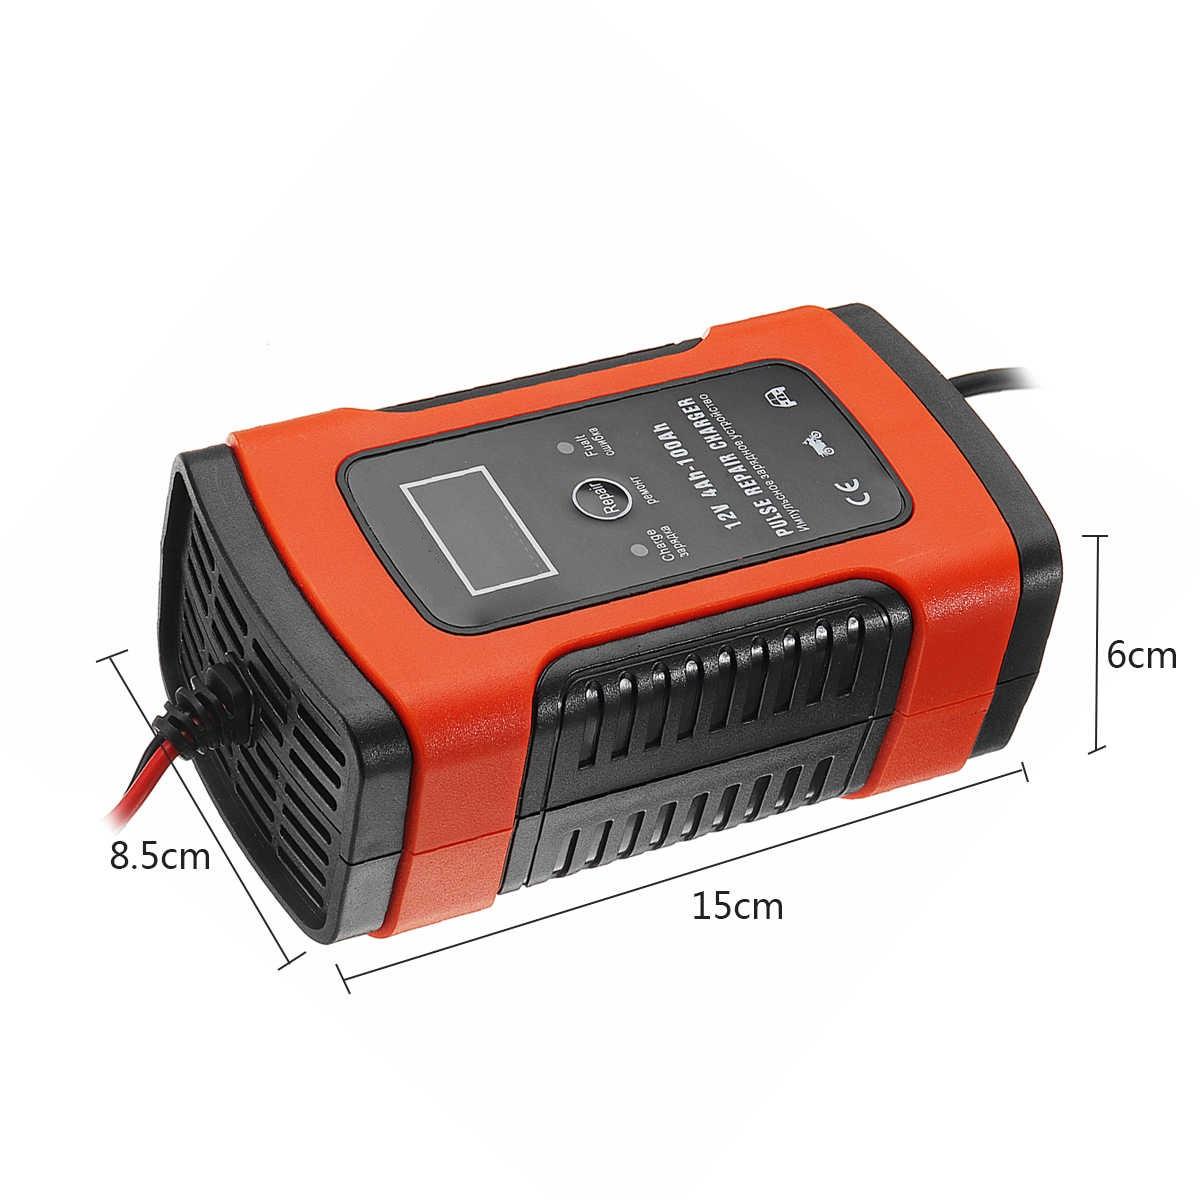 Máy sạc bình ắc quy 12V 100Ah thông minh tự ngắt khi đầy có chức năng khử sunfat bảo dưỡng phục hồi ắc quy có quạt tản nhiệt